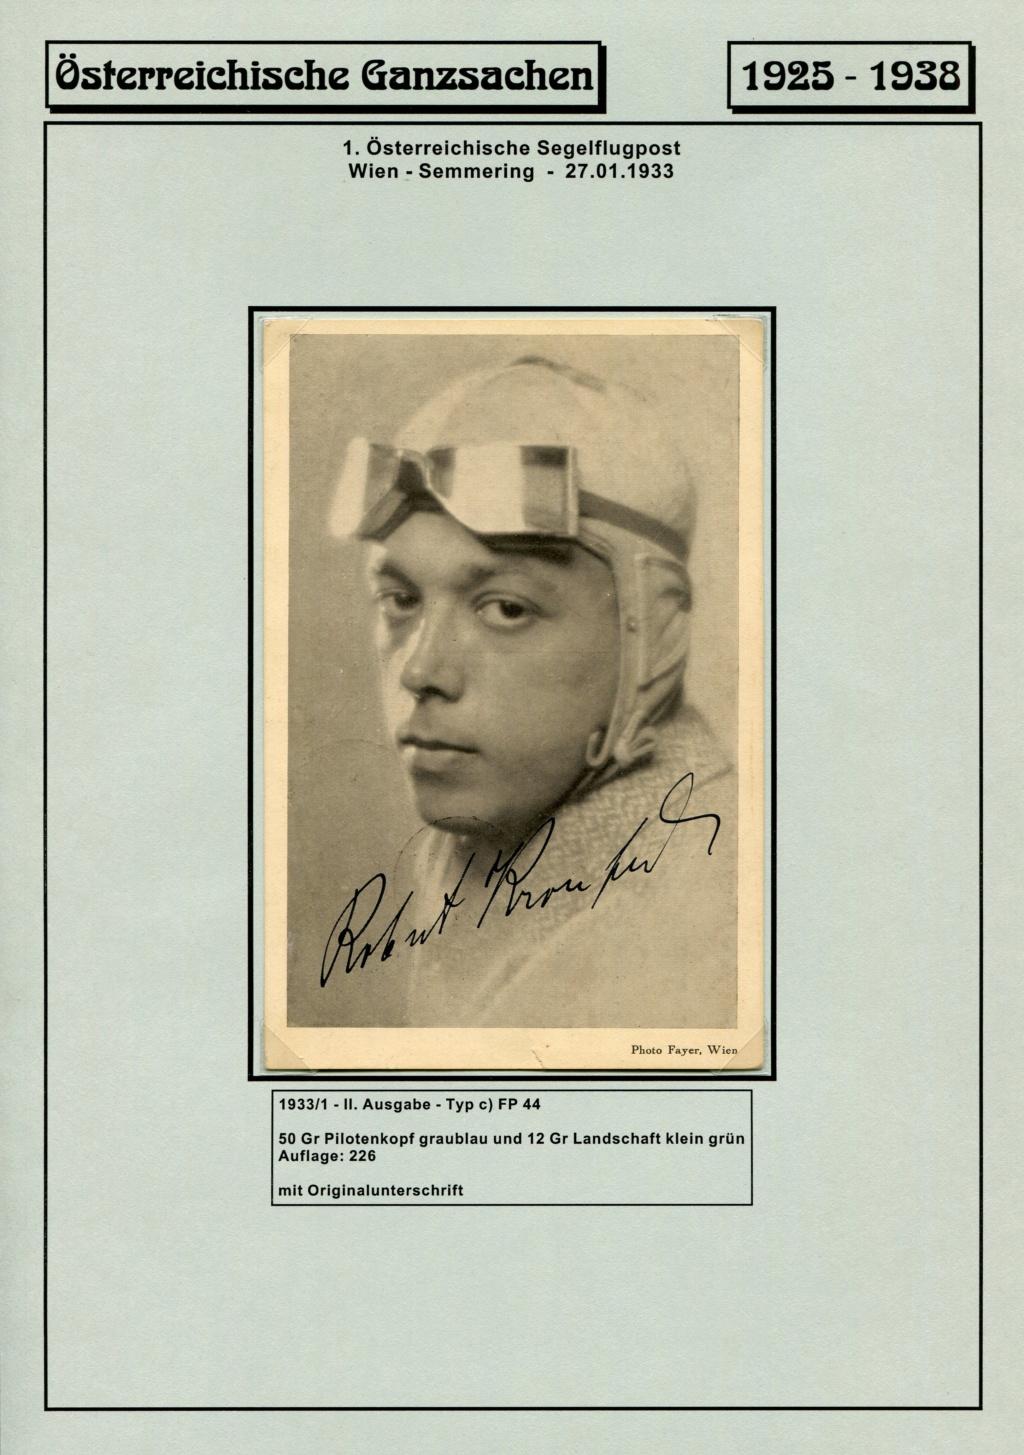 Ganzsachen - Segelflug Robert Kronfeld 1933 Kr_00113